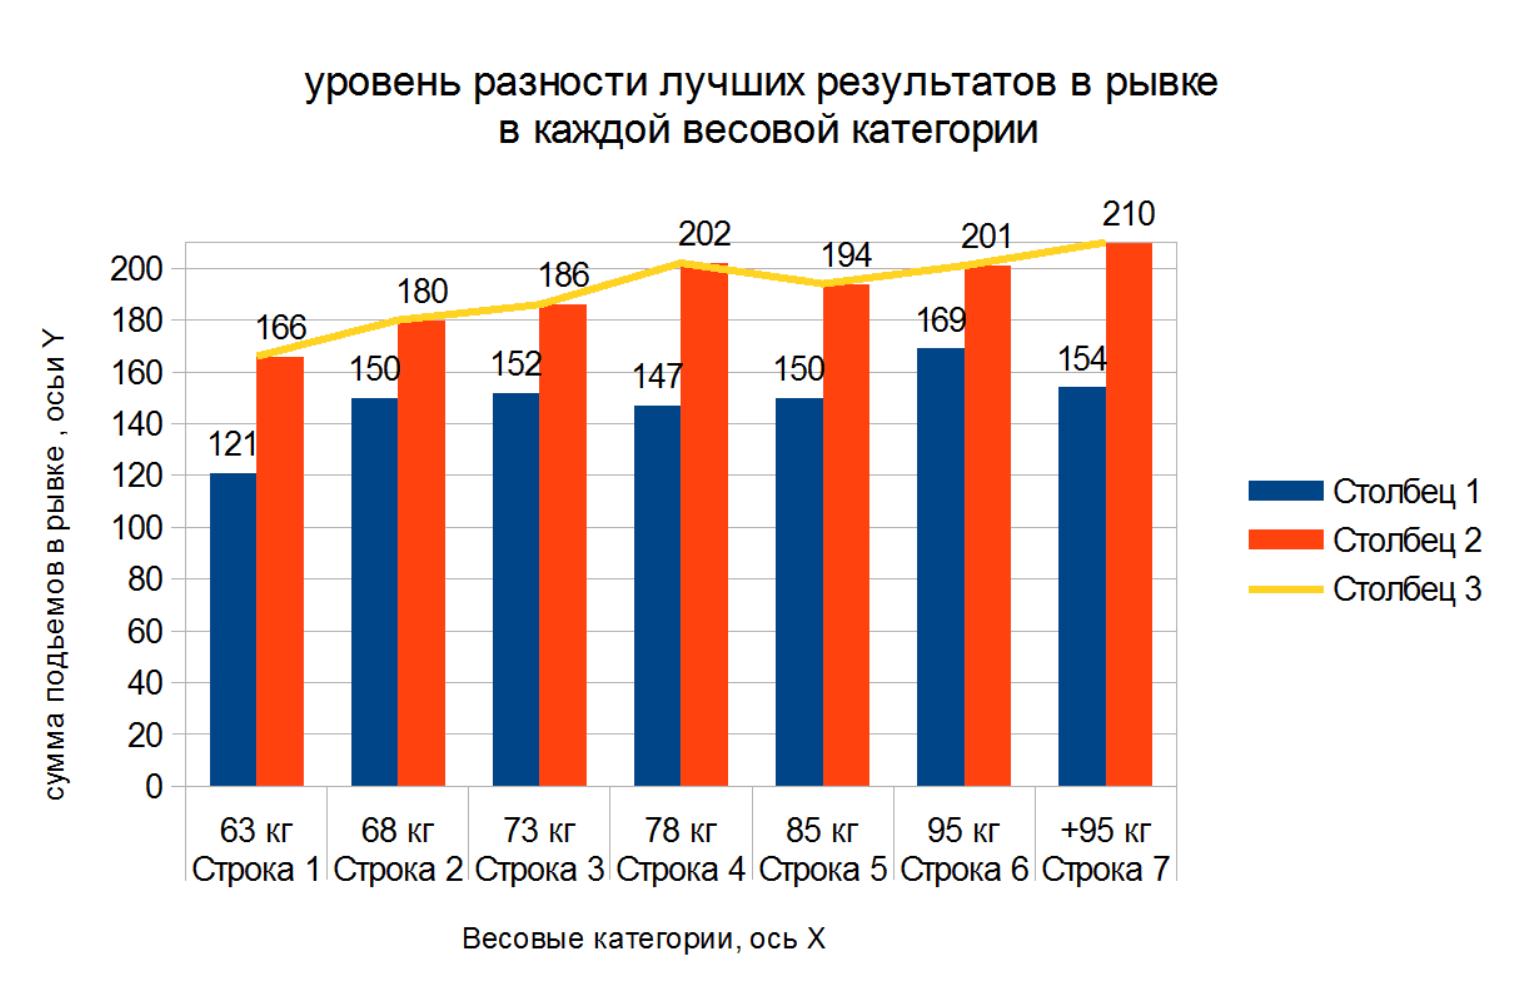 Рис. 1. Графическое изображение динамики роста результатов рывка